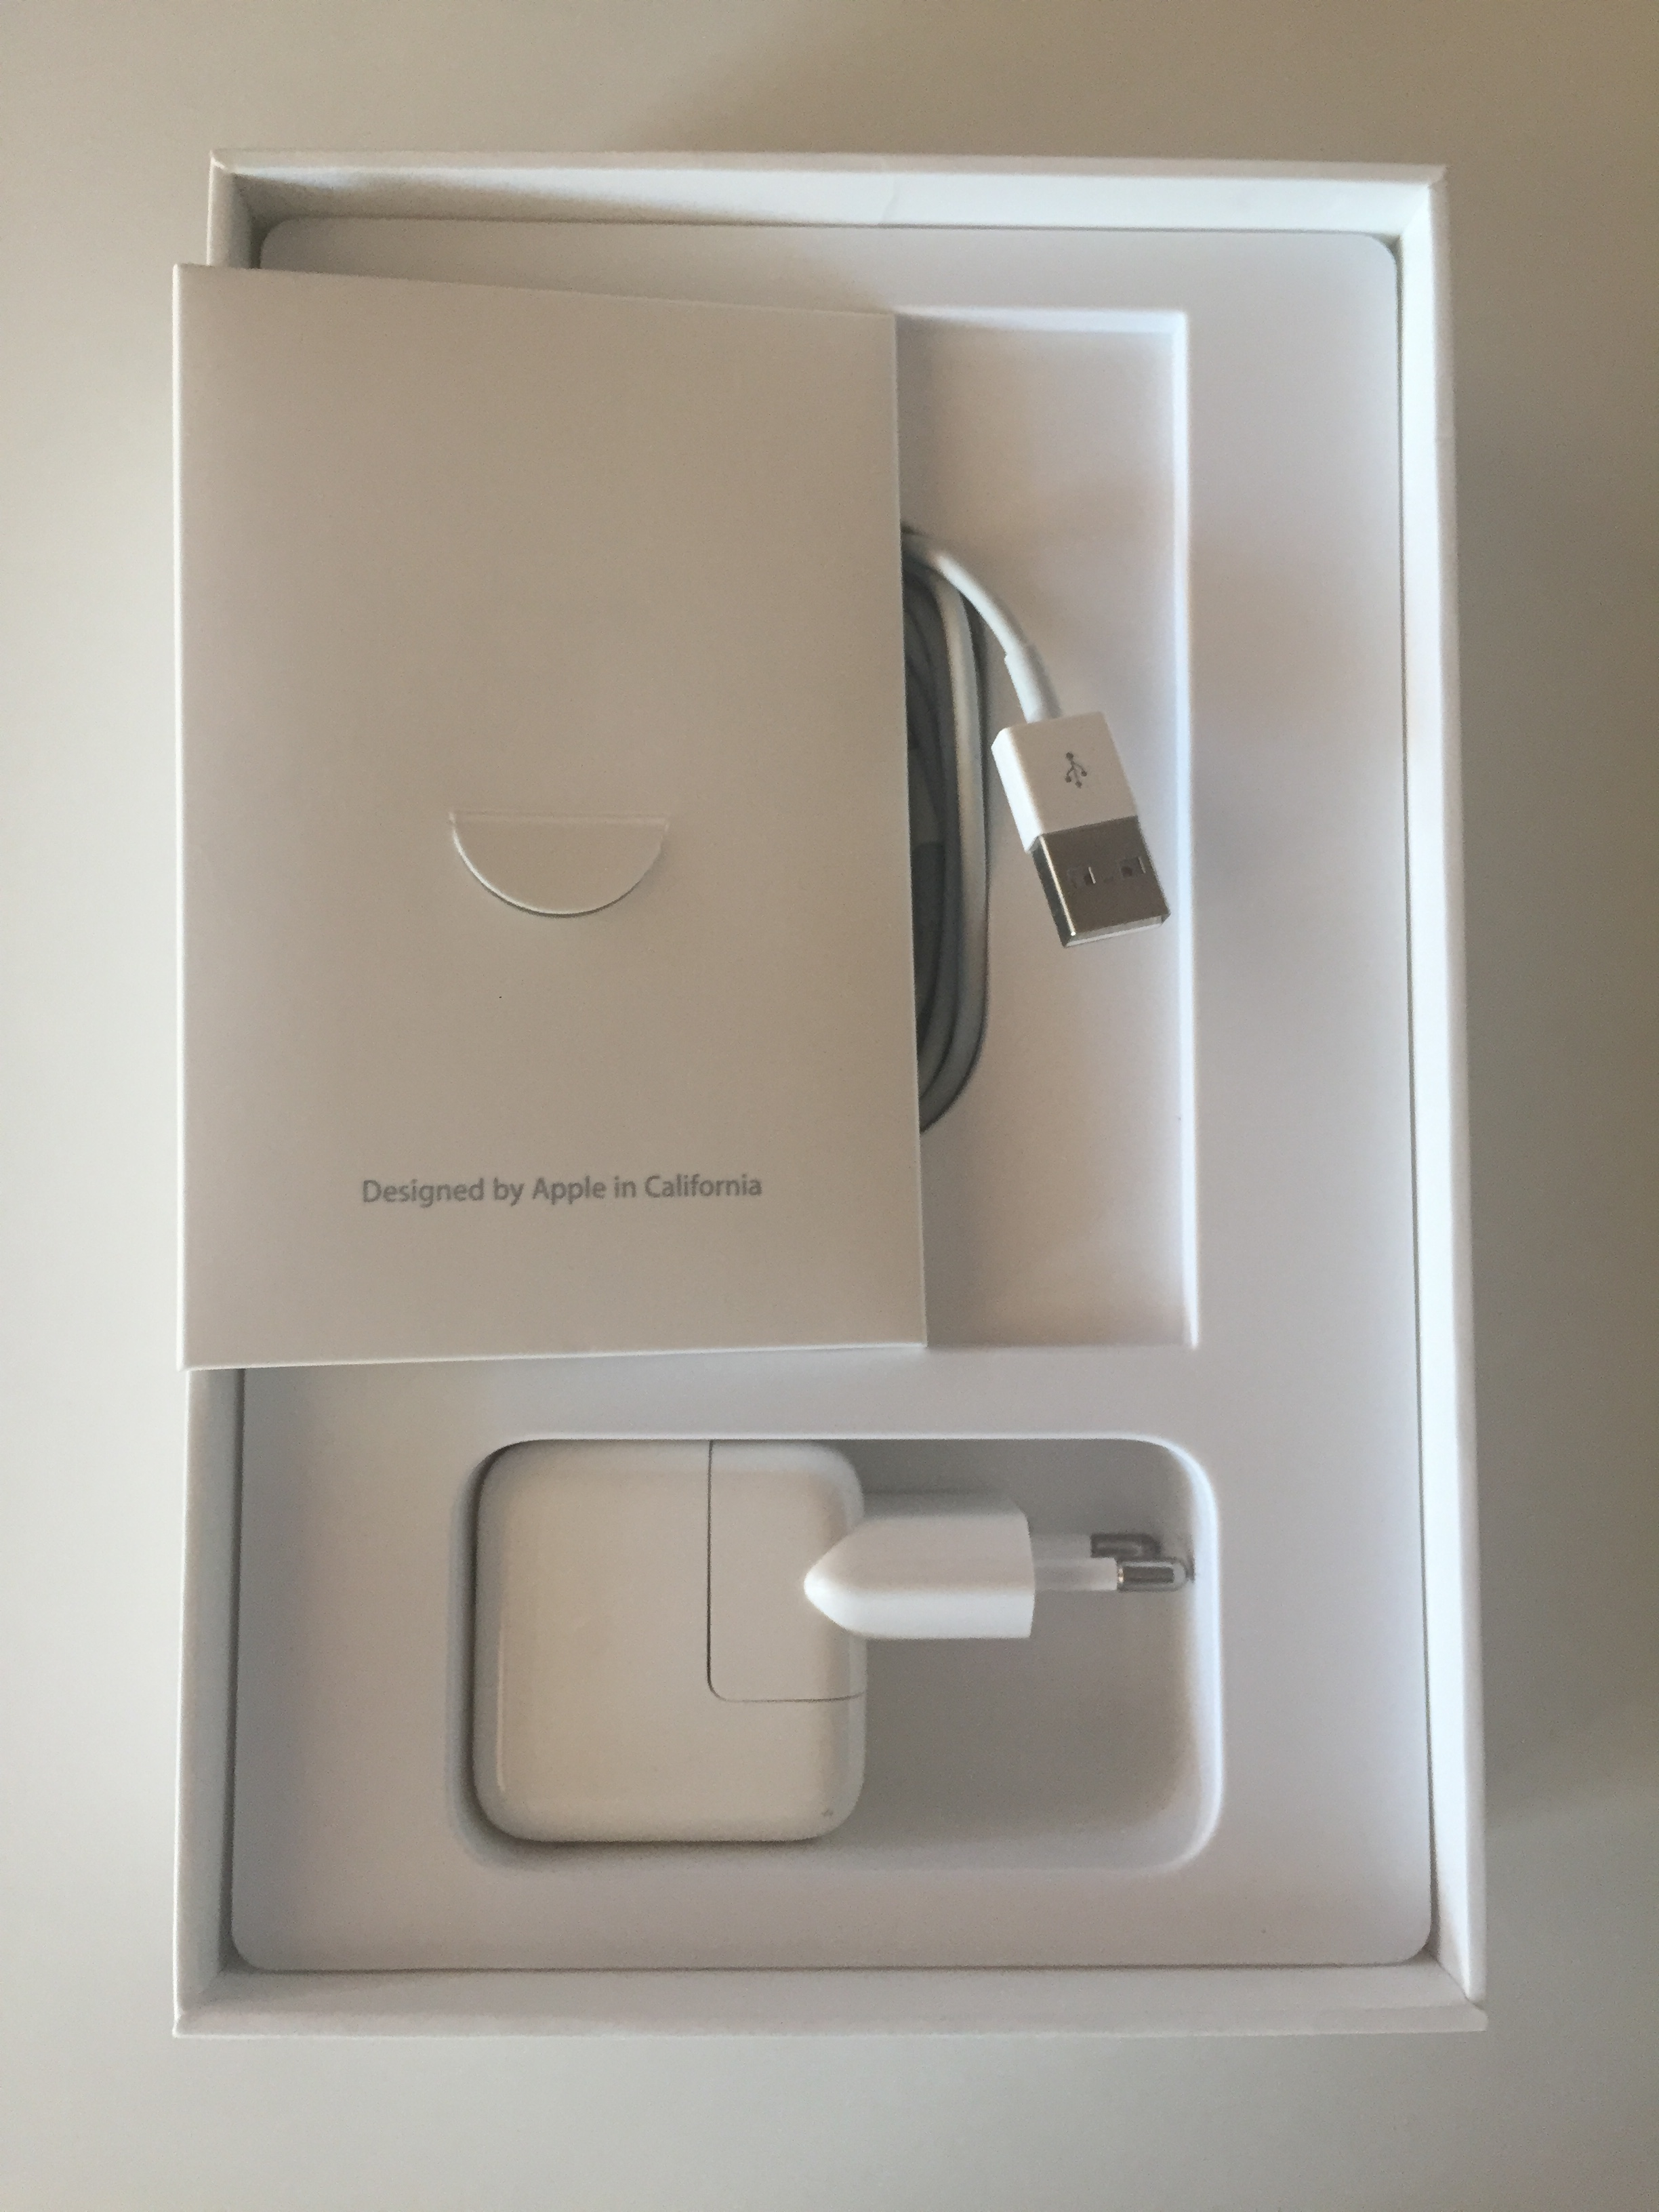 iPad mini 2 Wi-Fi 16GB, 16 GB, GRAY, imagen 7